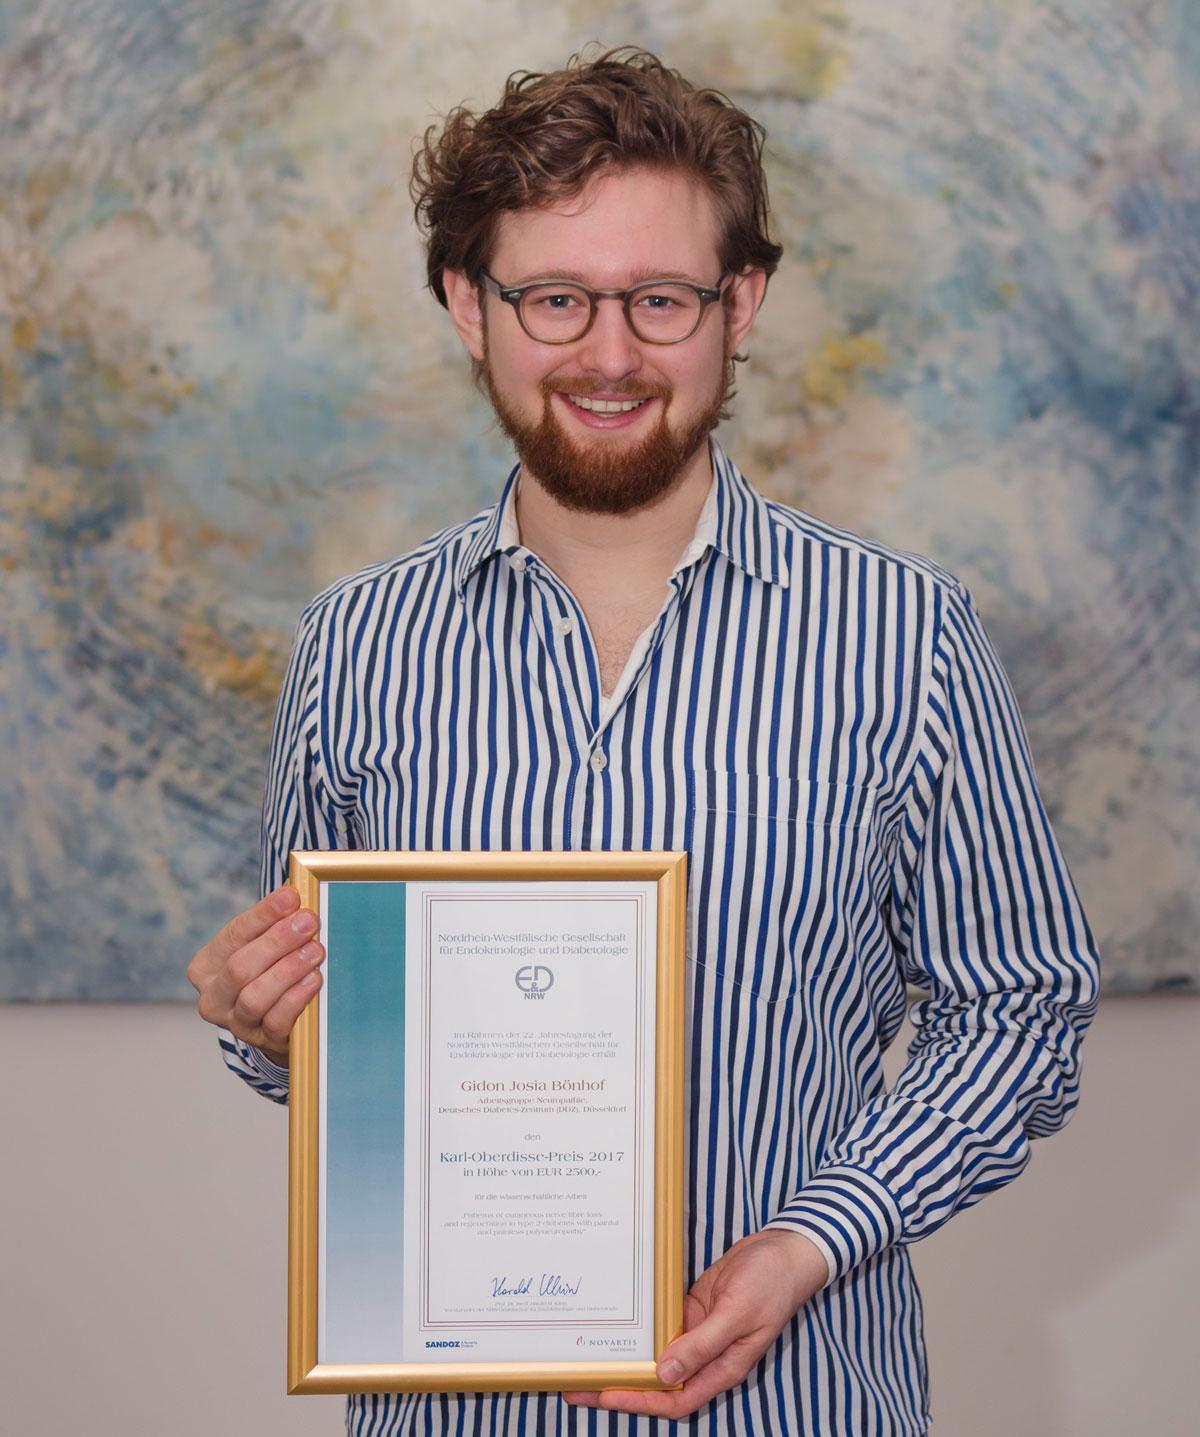 Gidon Bönhof wurde mit dem Karl-Oberdisse-Preis 2017 ausgezeichnet